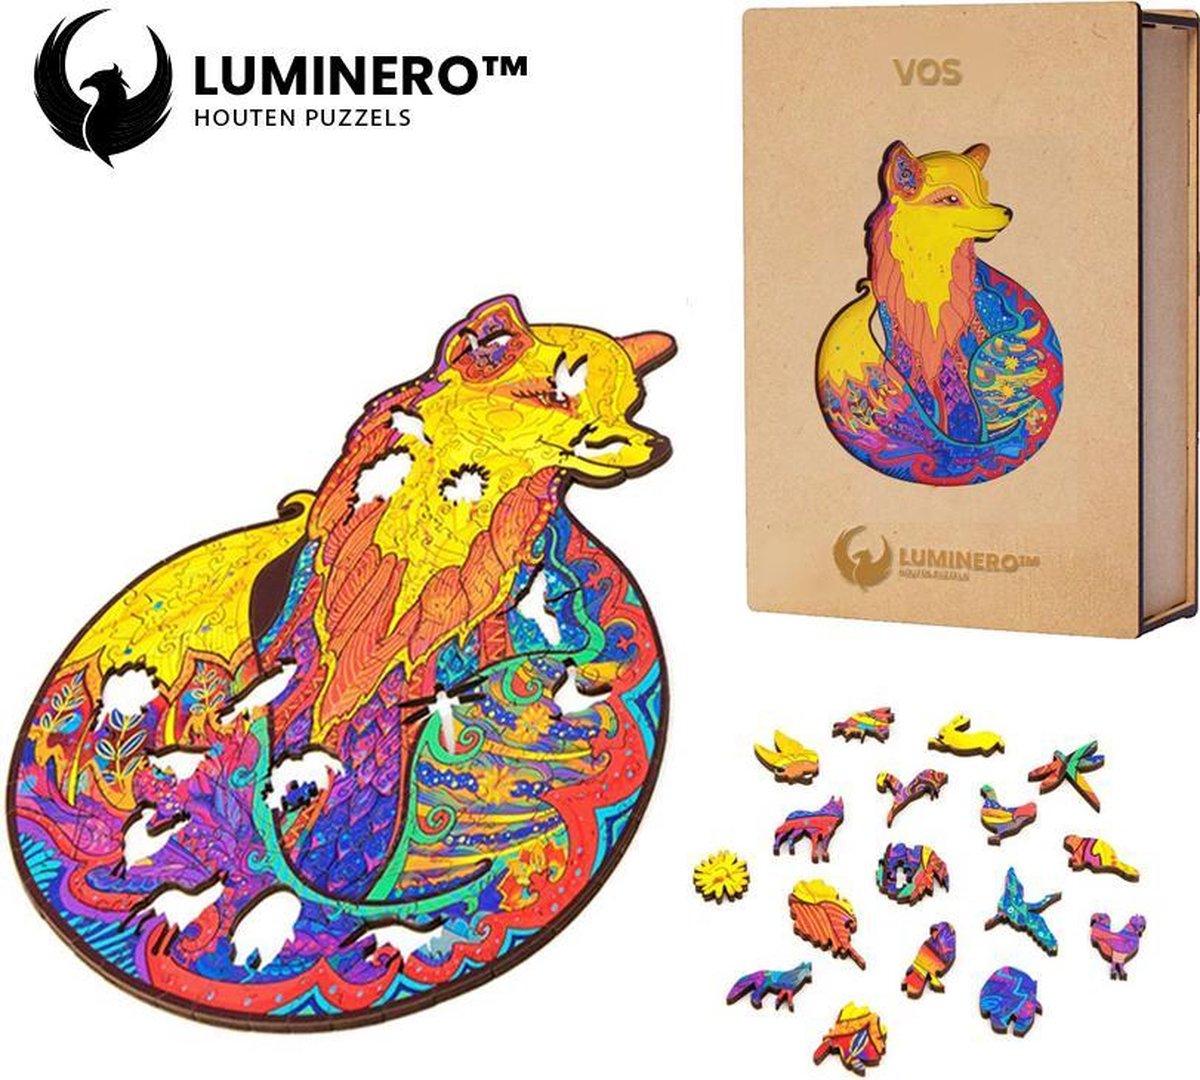 Luminero™ Houten Vos Jigsaw Puzzel - A4 Formaat Jigsaw - Unieke 3D Puzzels - Huisdecoratie - Wooden Puzzle - Volwassenen & Kinderen - Incl. Houten Doos